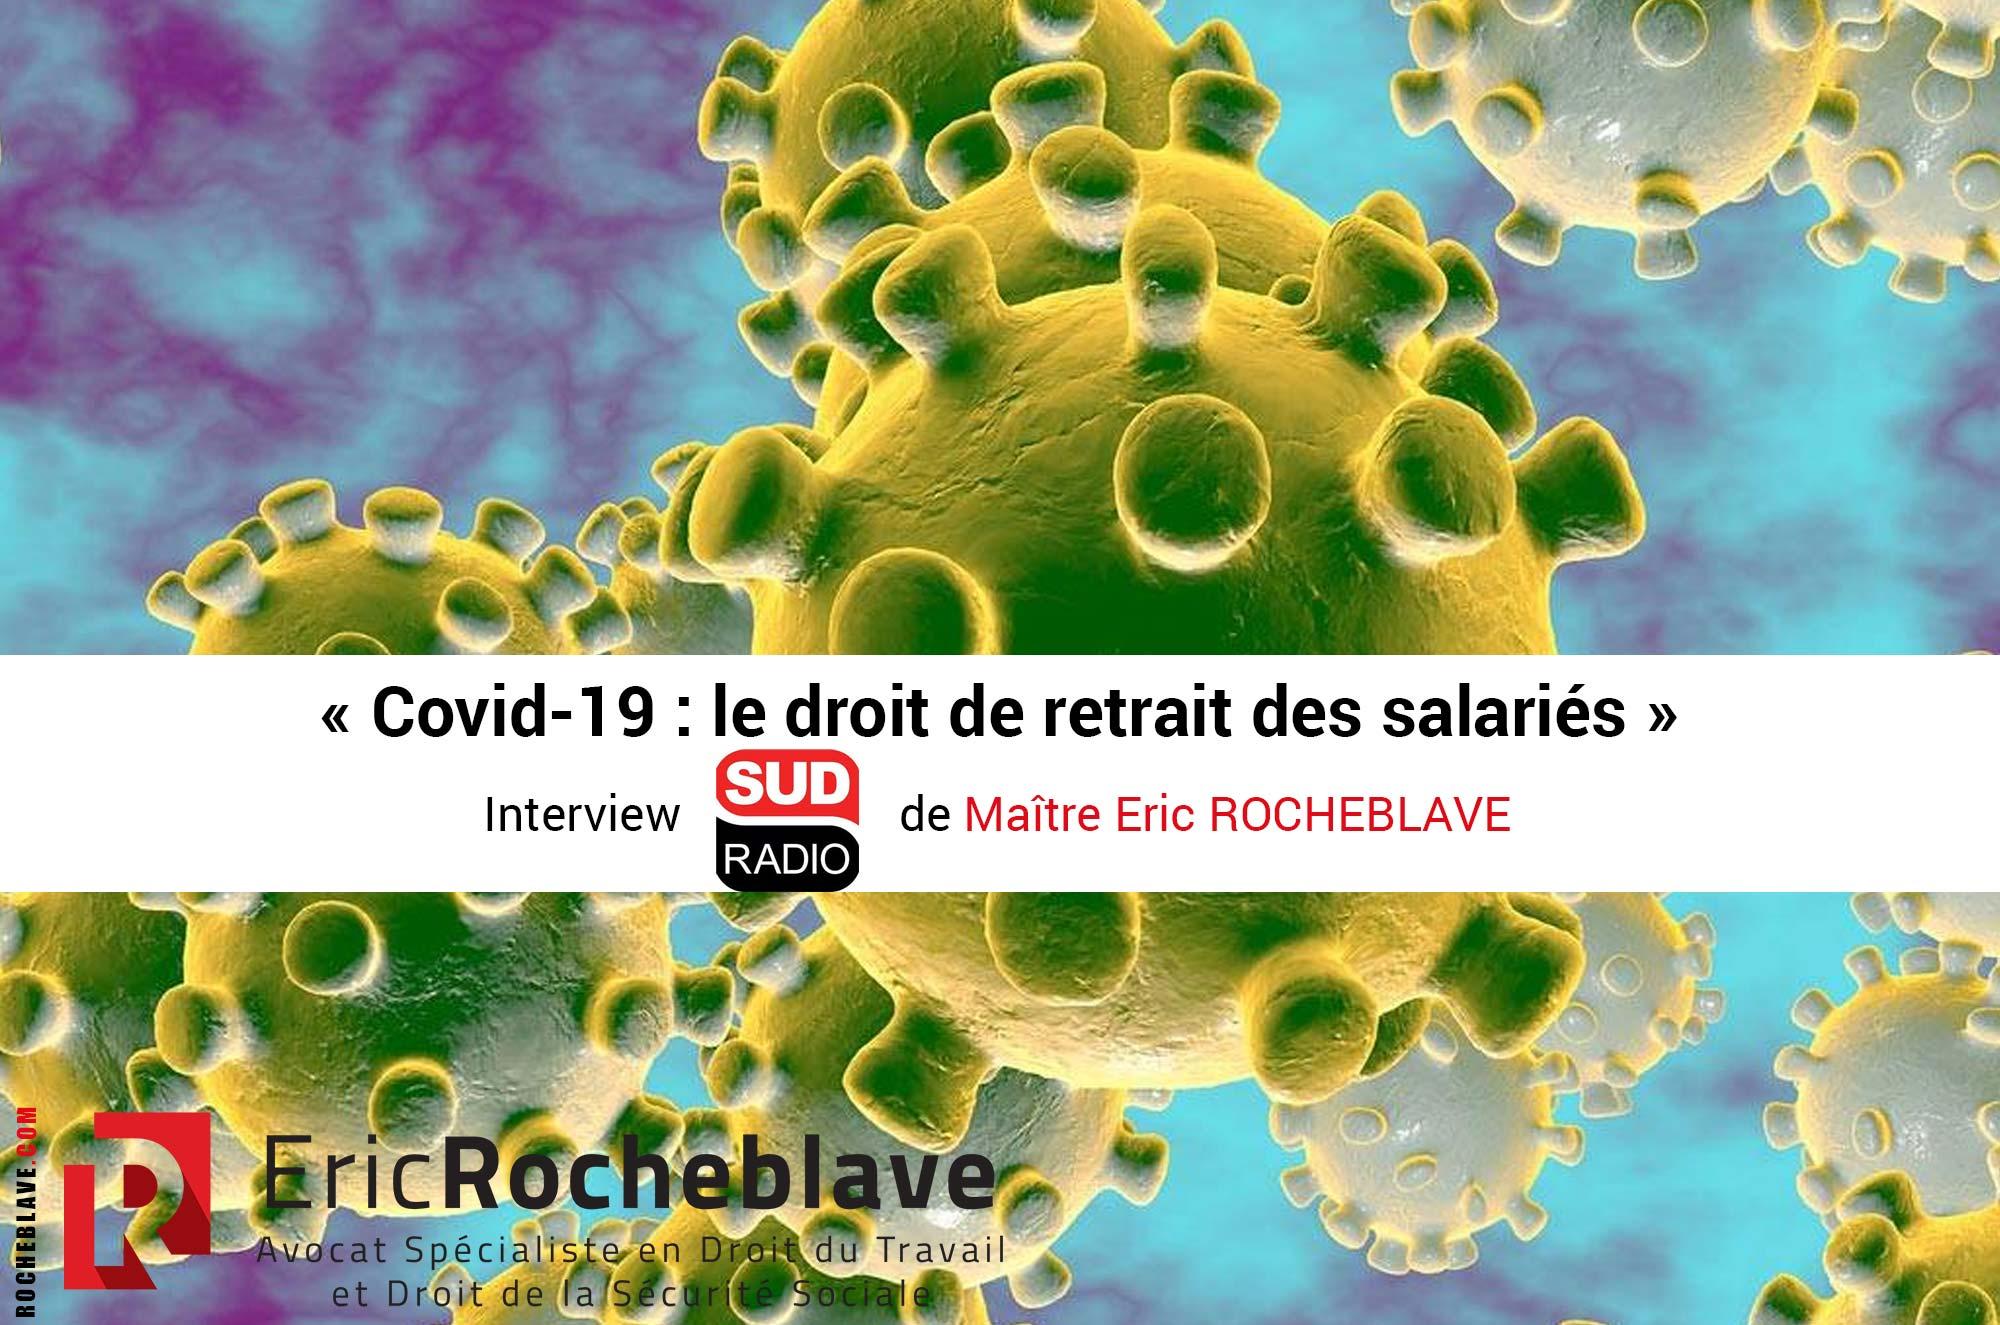 « Covid-19 : le droit de retrait des salariés » Interview Sud Radio de Maître Eric ROCHEBLAVE